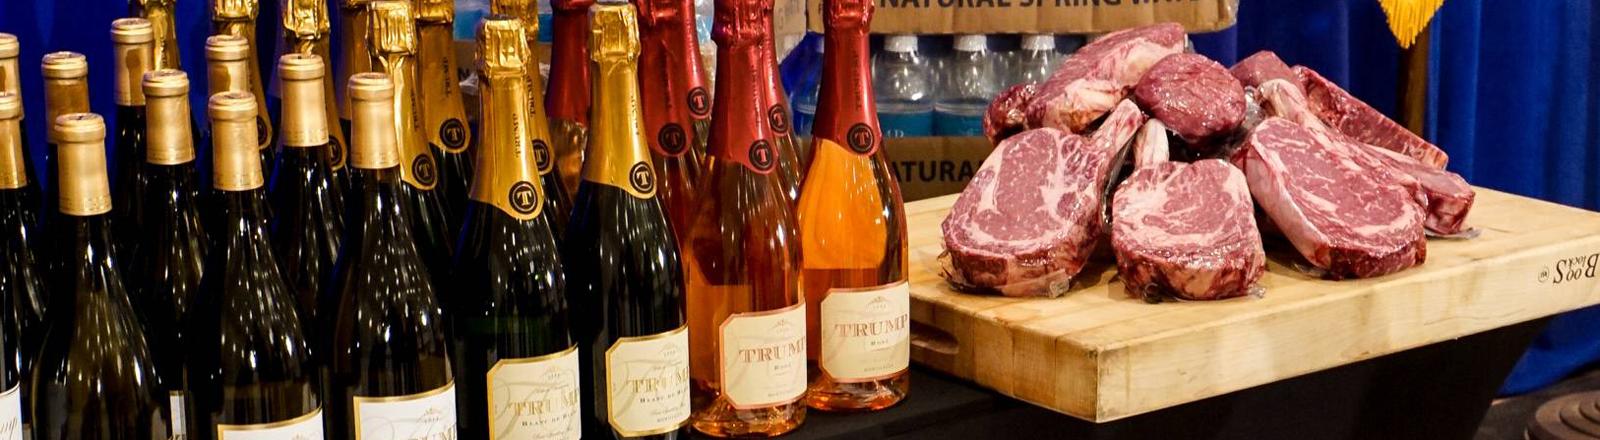 Trump-Merchandising: Steaks, Wein und Mineralwasser